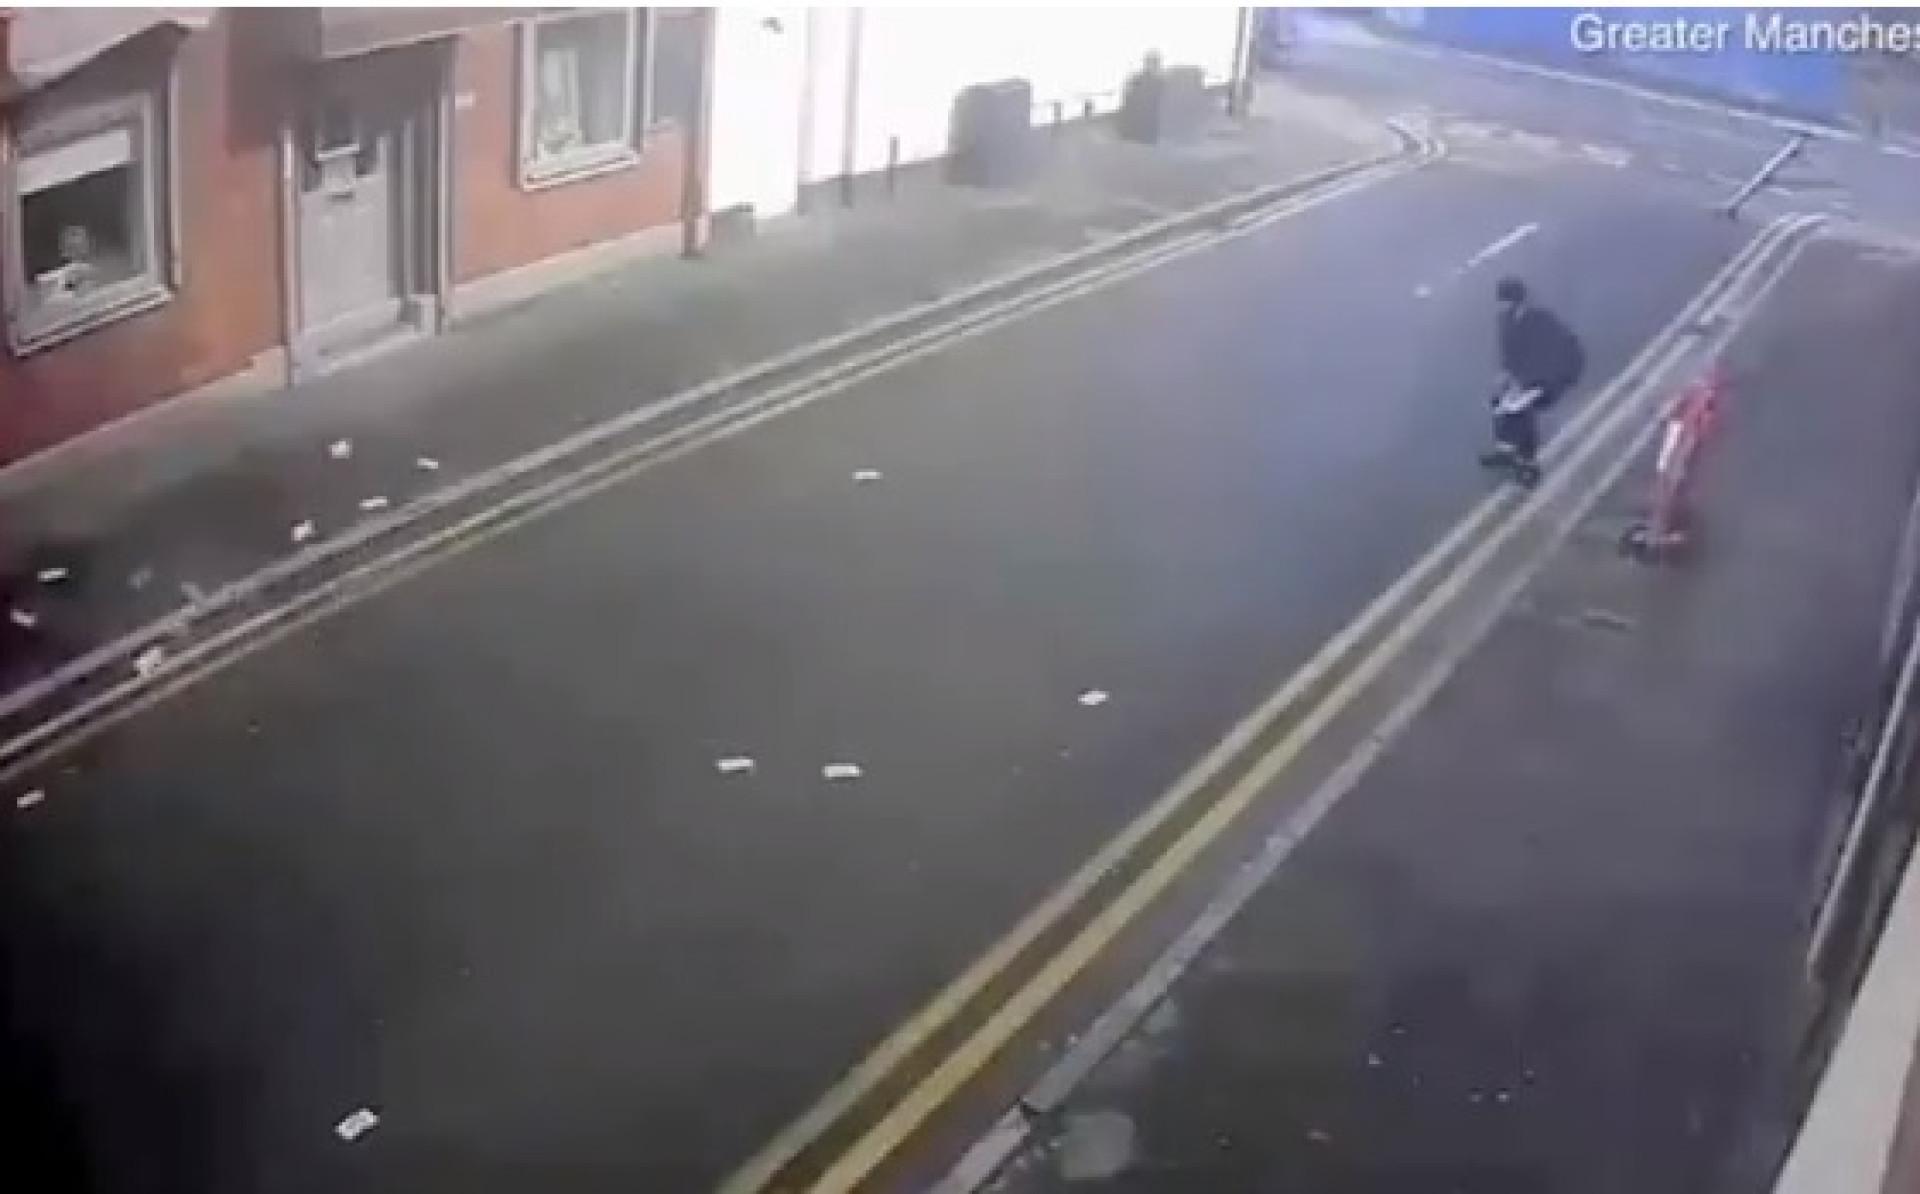 Bastou uma rabanada de vento para tramar este ladrão